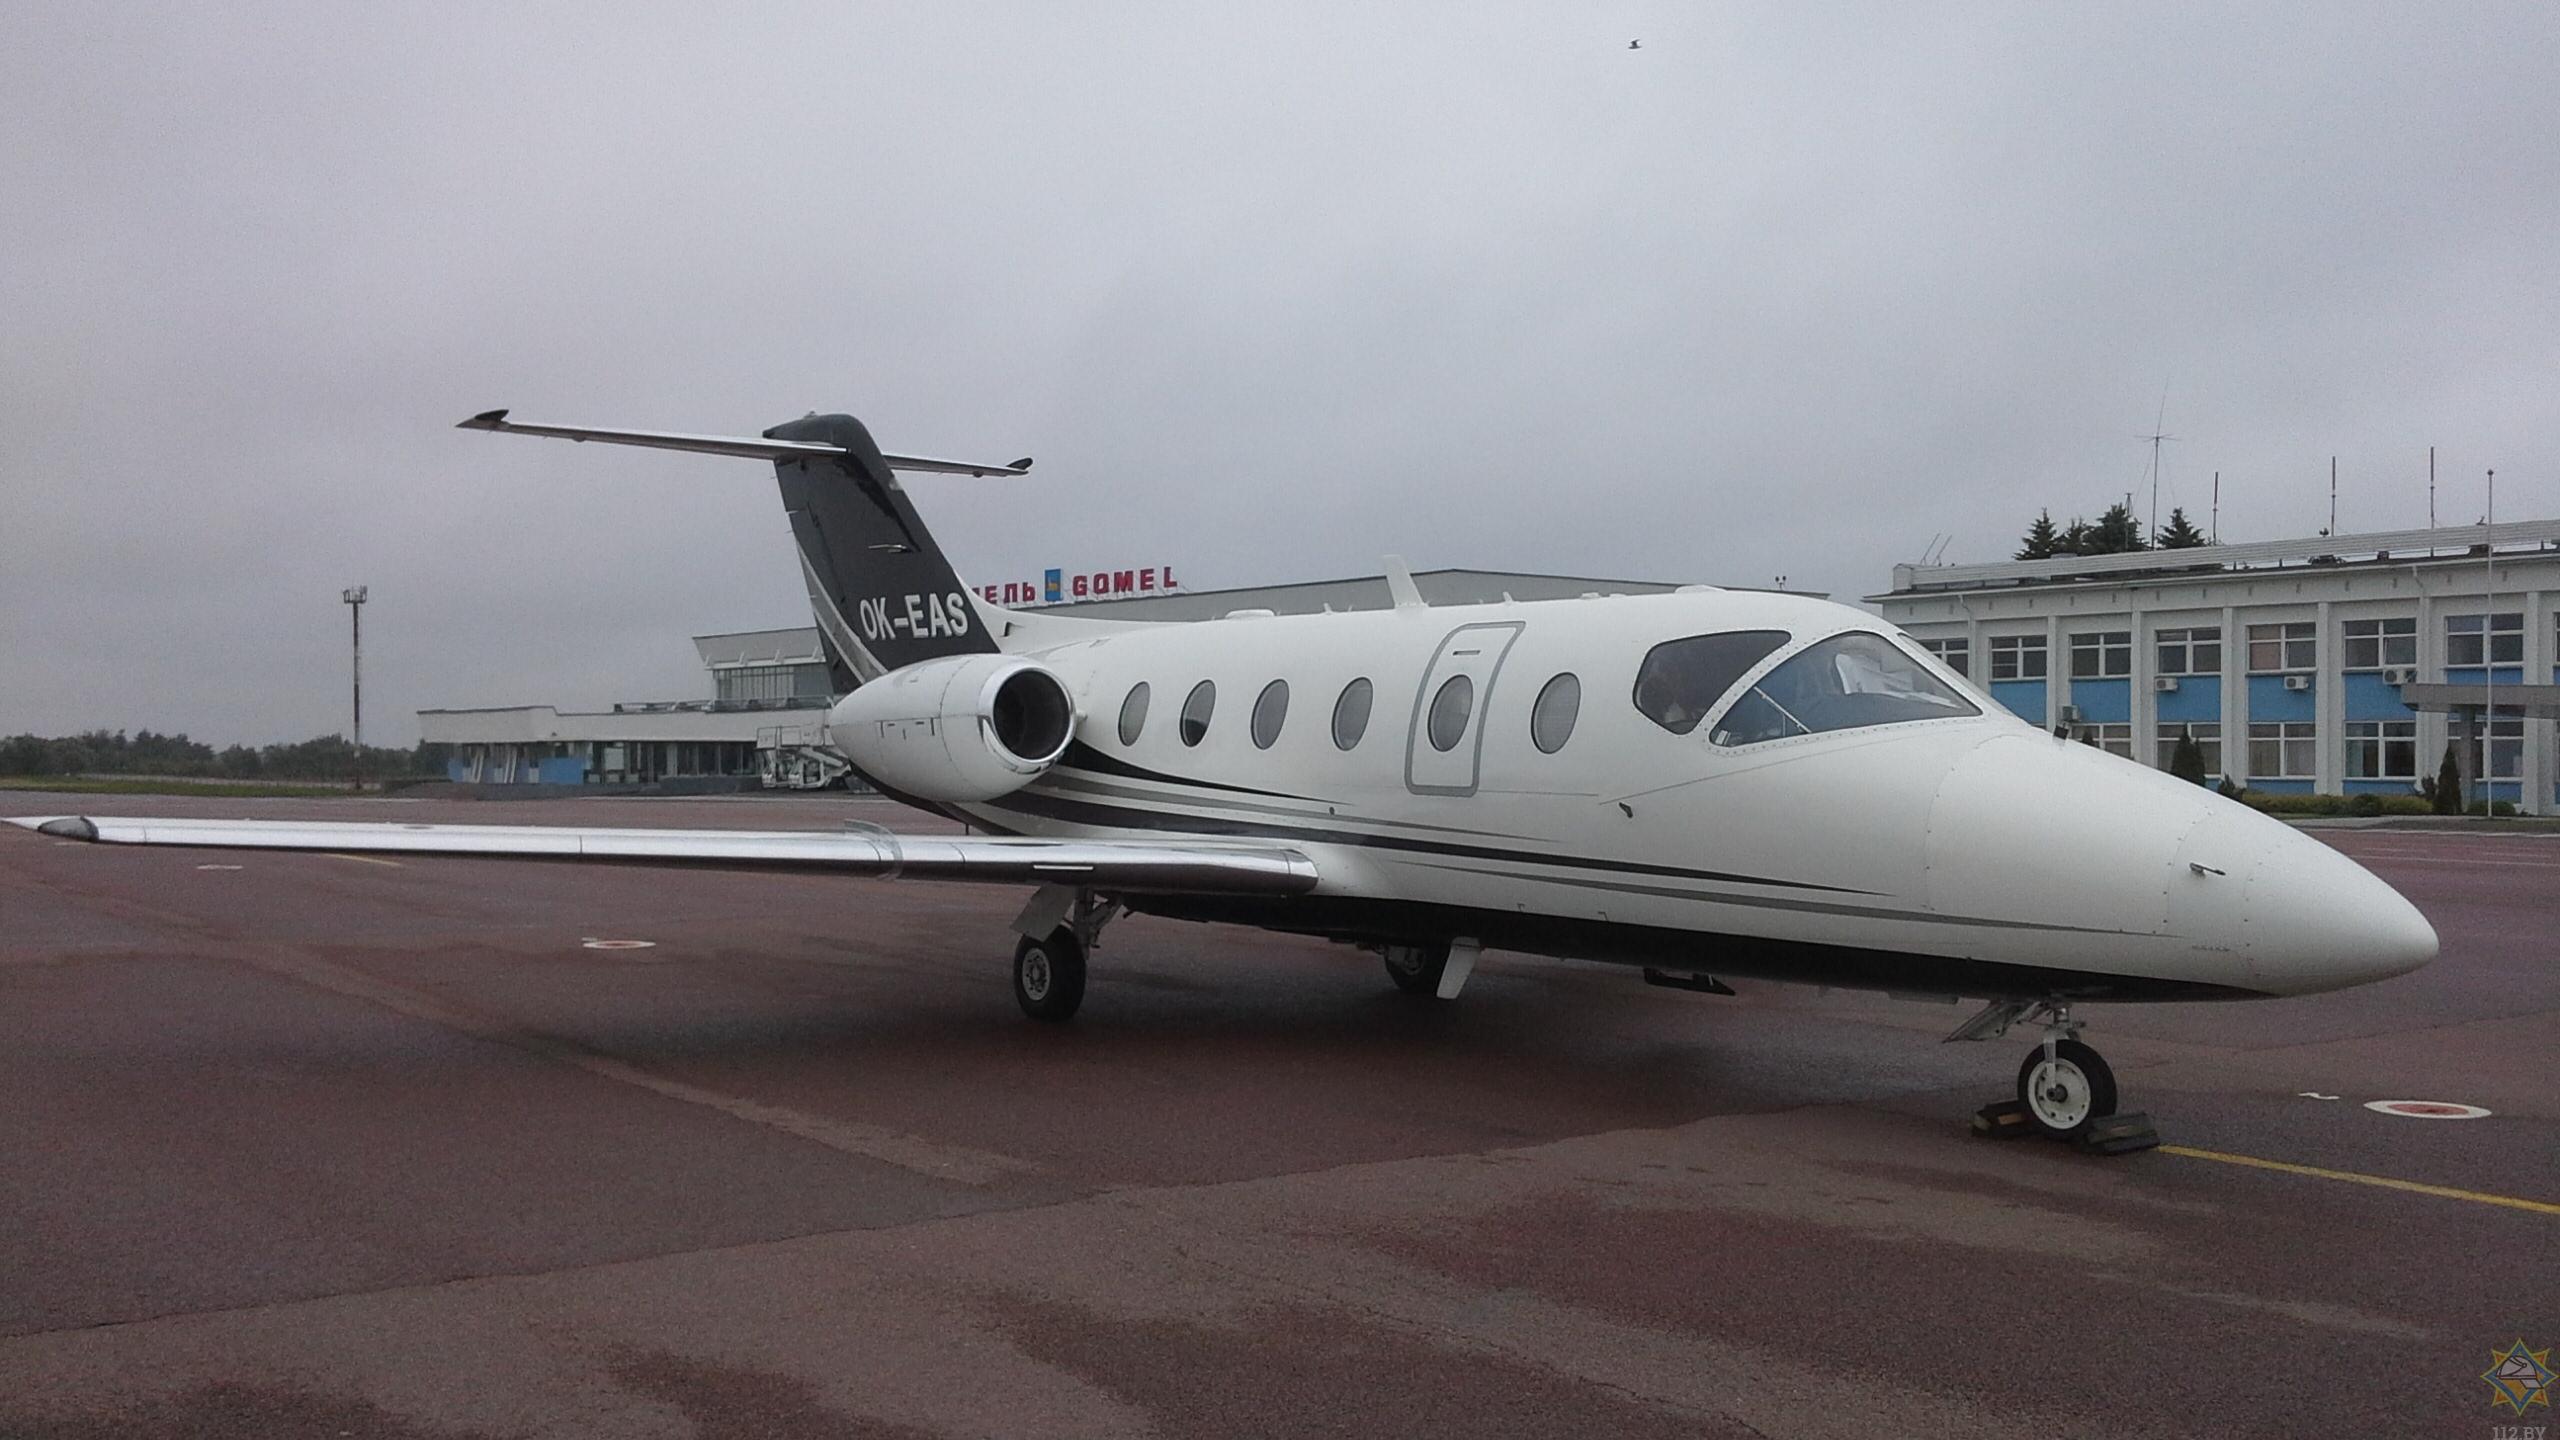 Чешский самолет совершил аварийную посадку в Гомеле из-за птицы